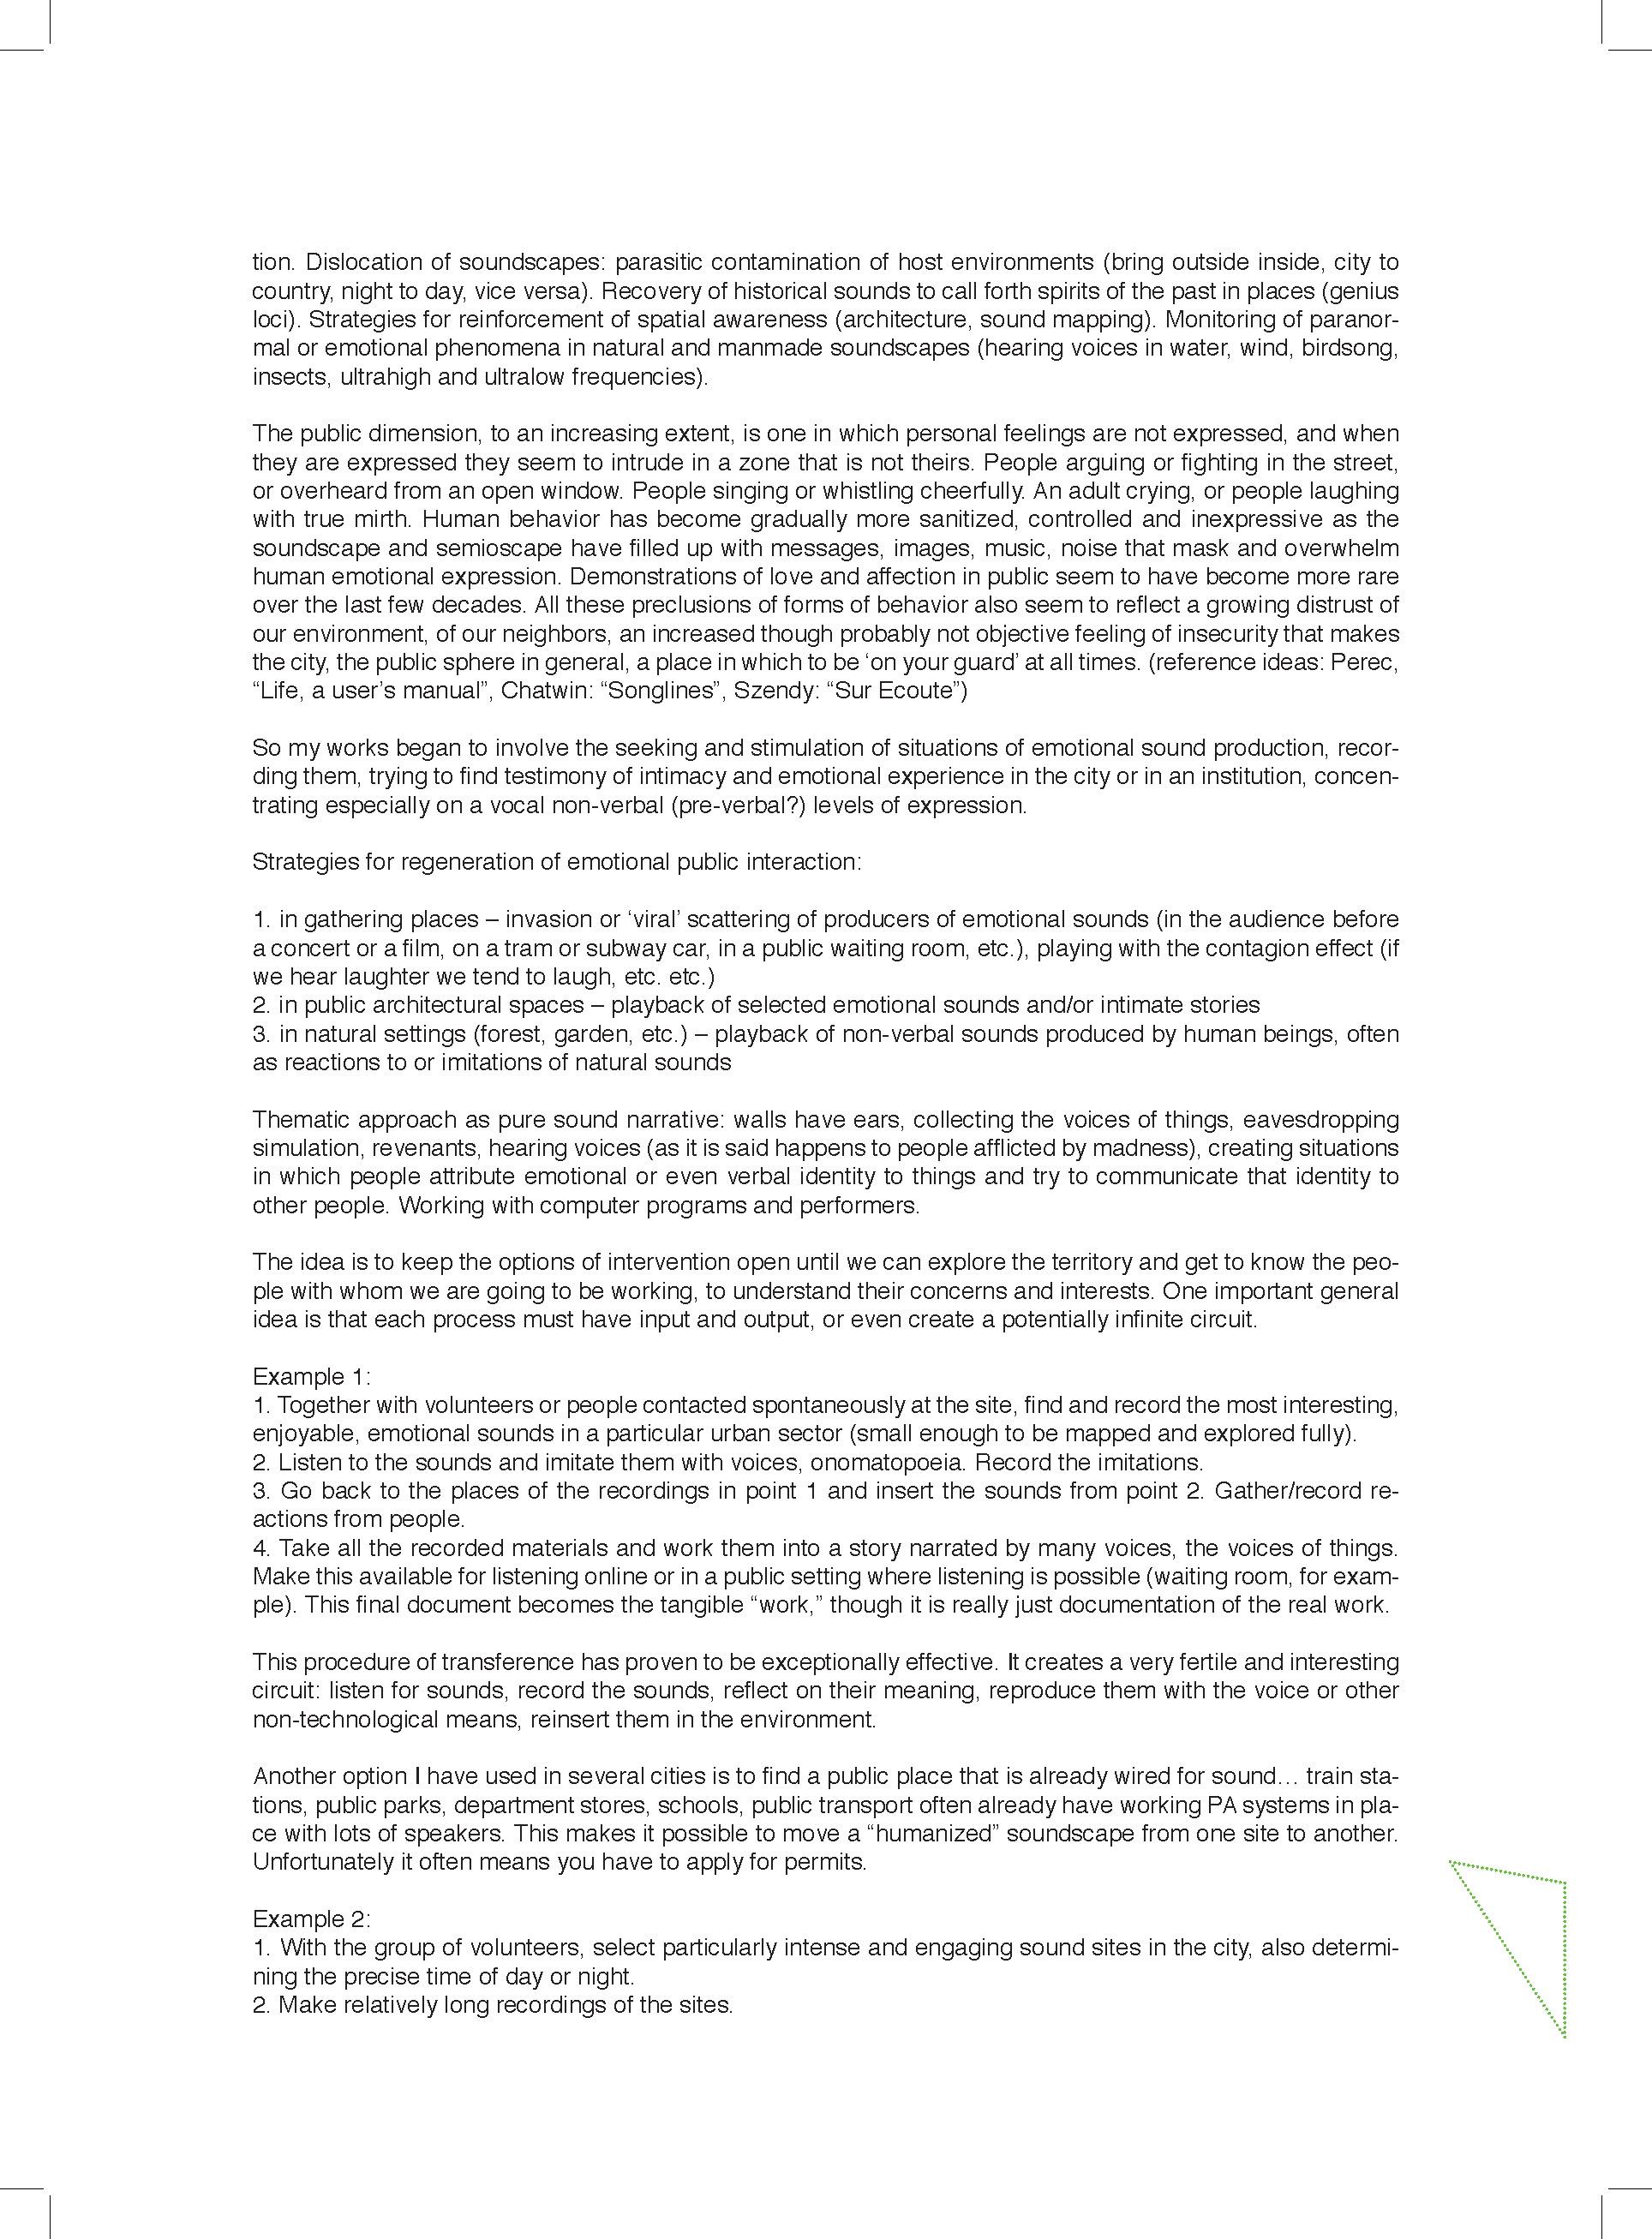 6decl-quaderno-con-segno-taglio_Pagina_31